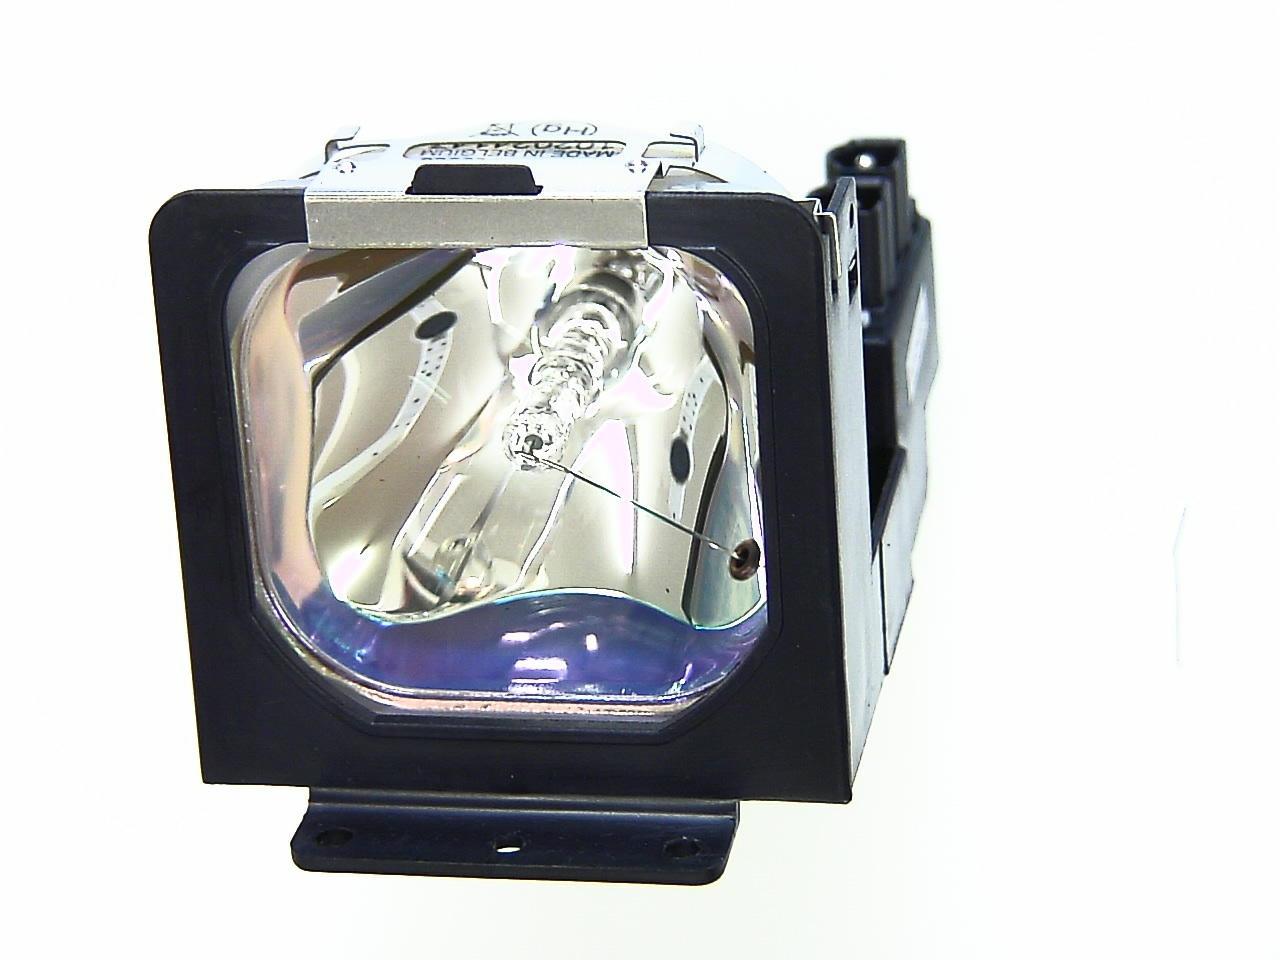 Lámpara CANON LV-5110